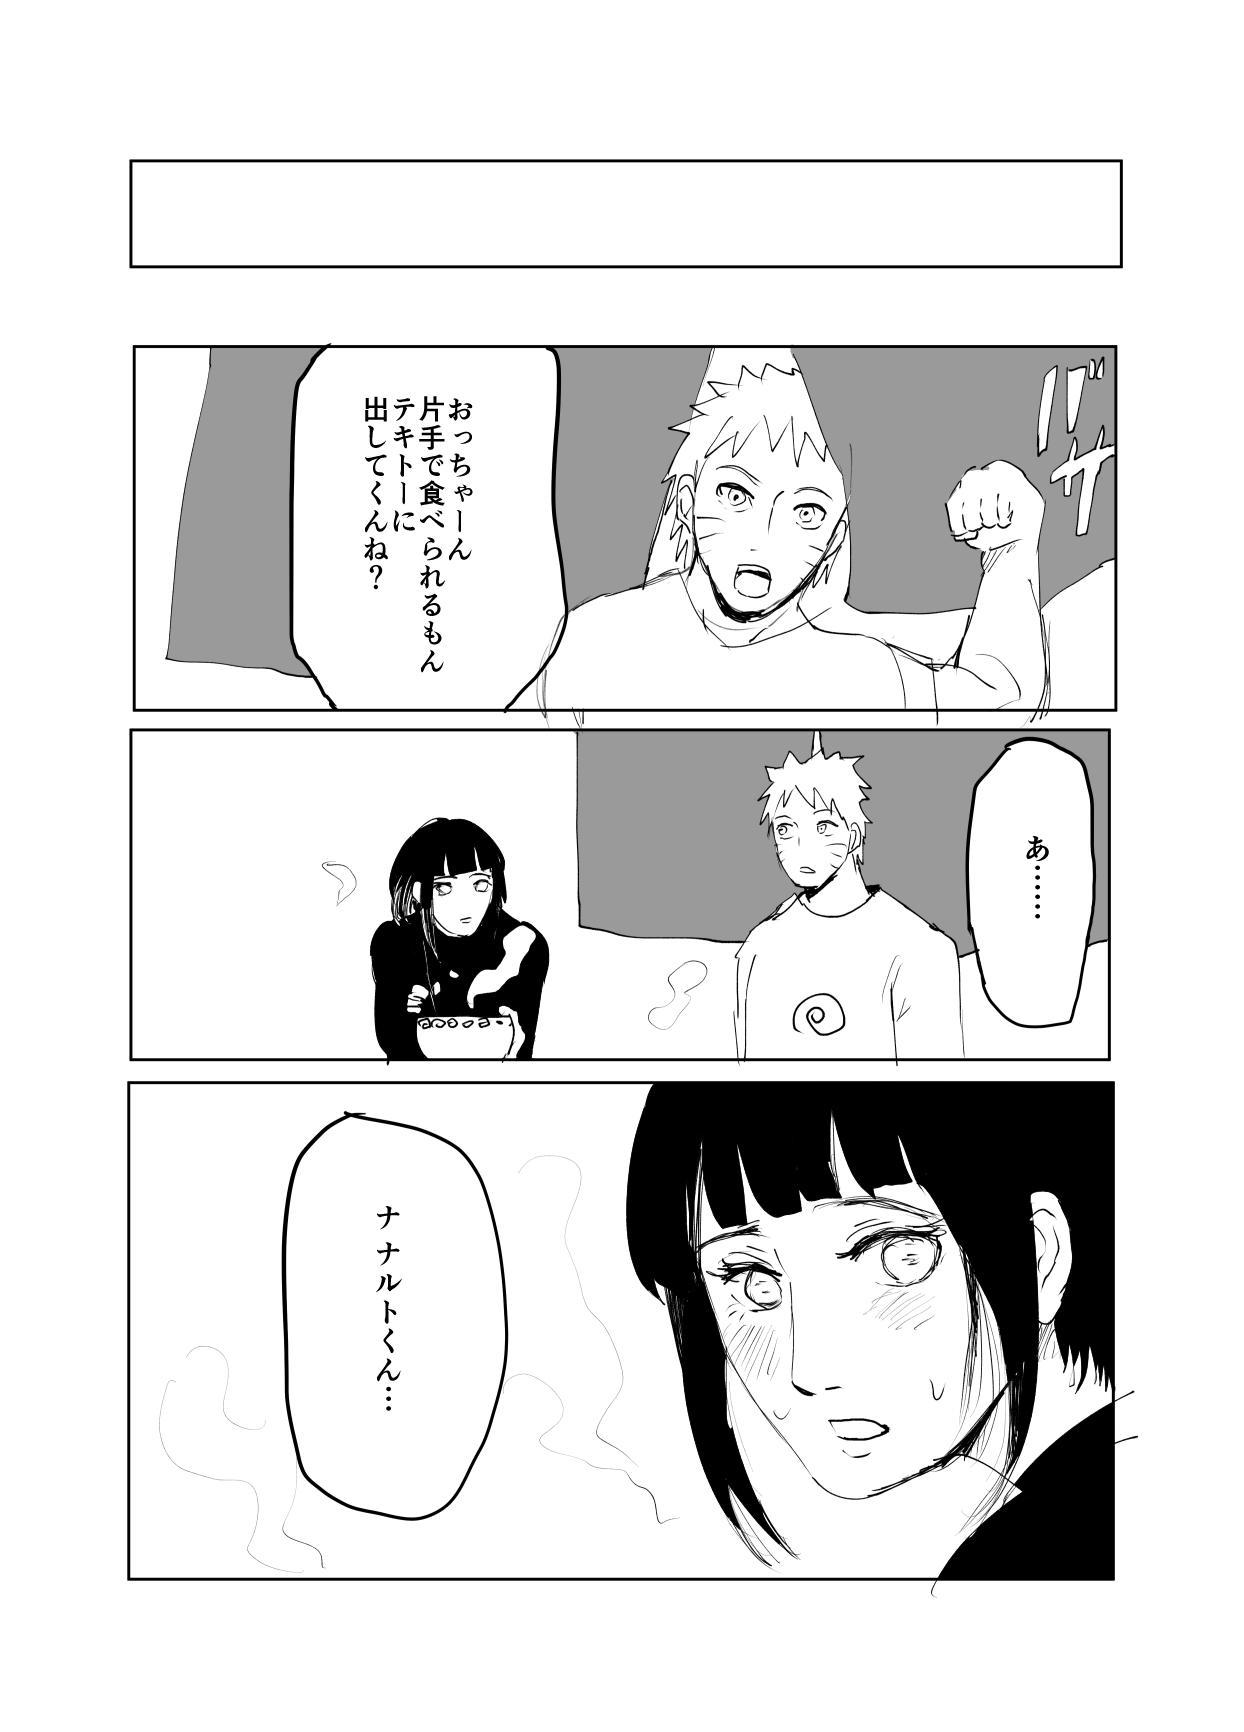 嘘告白漫画 23